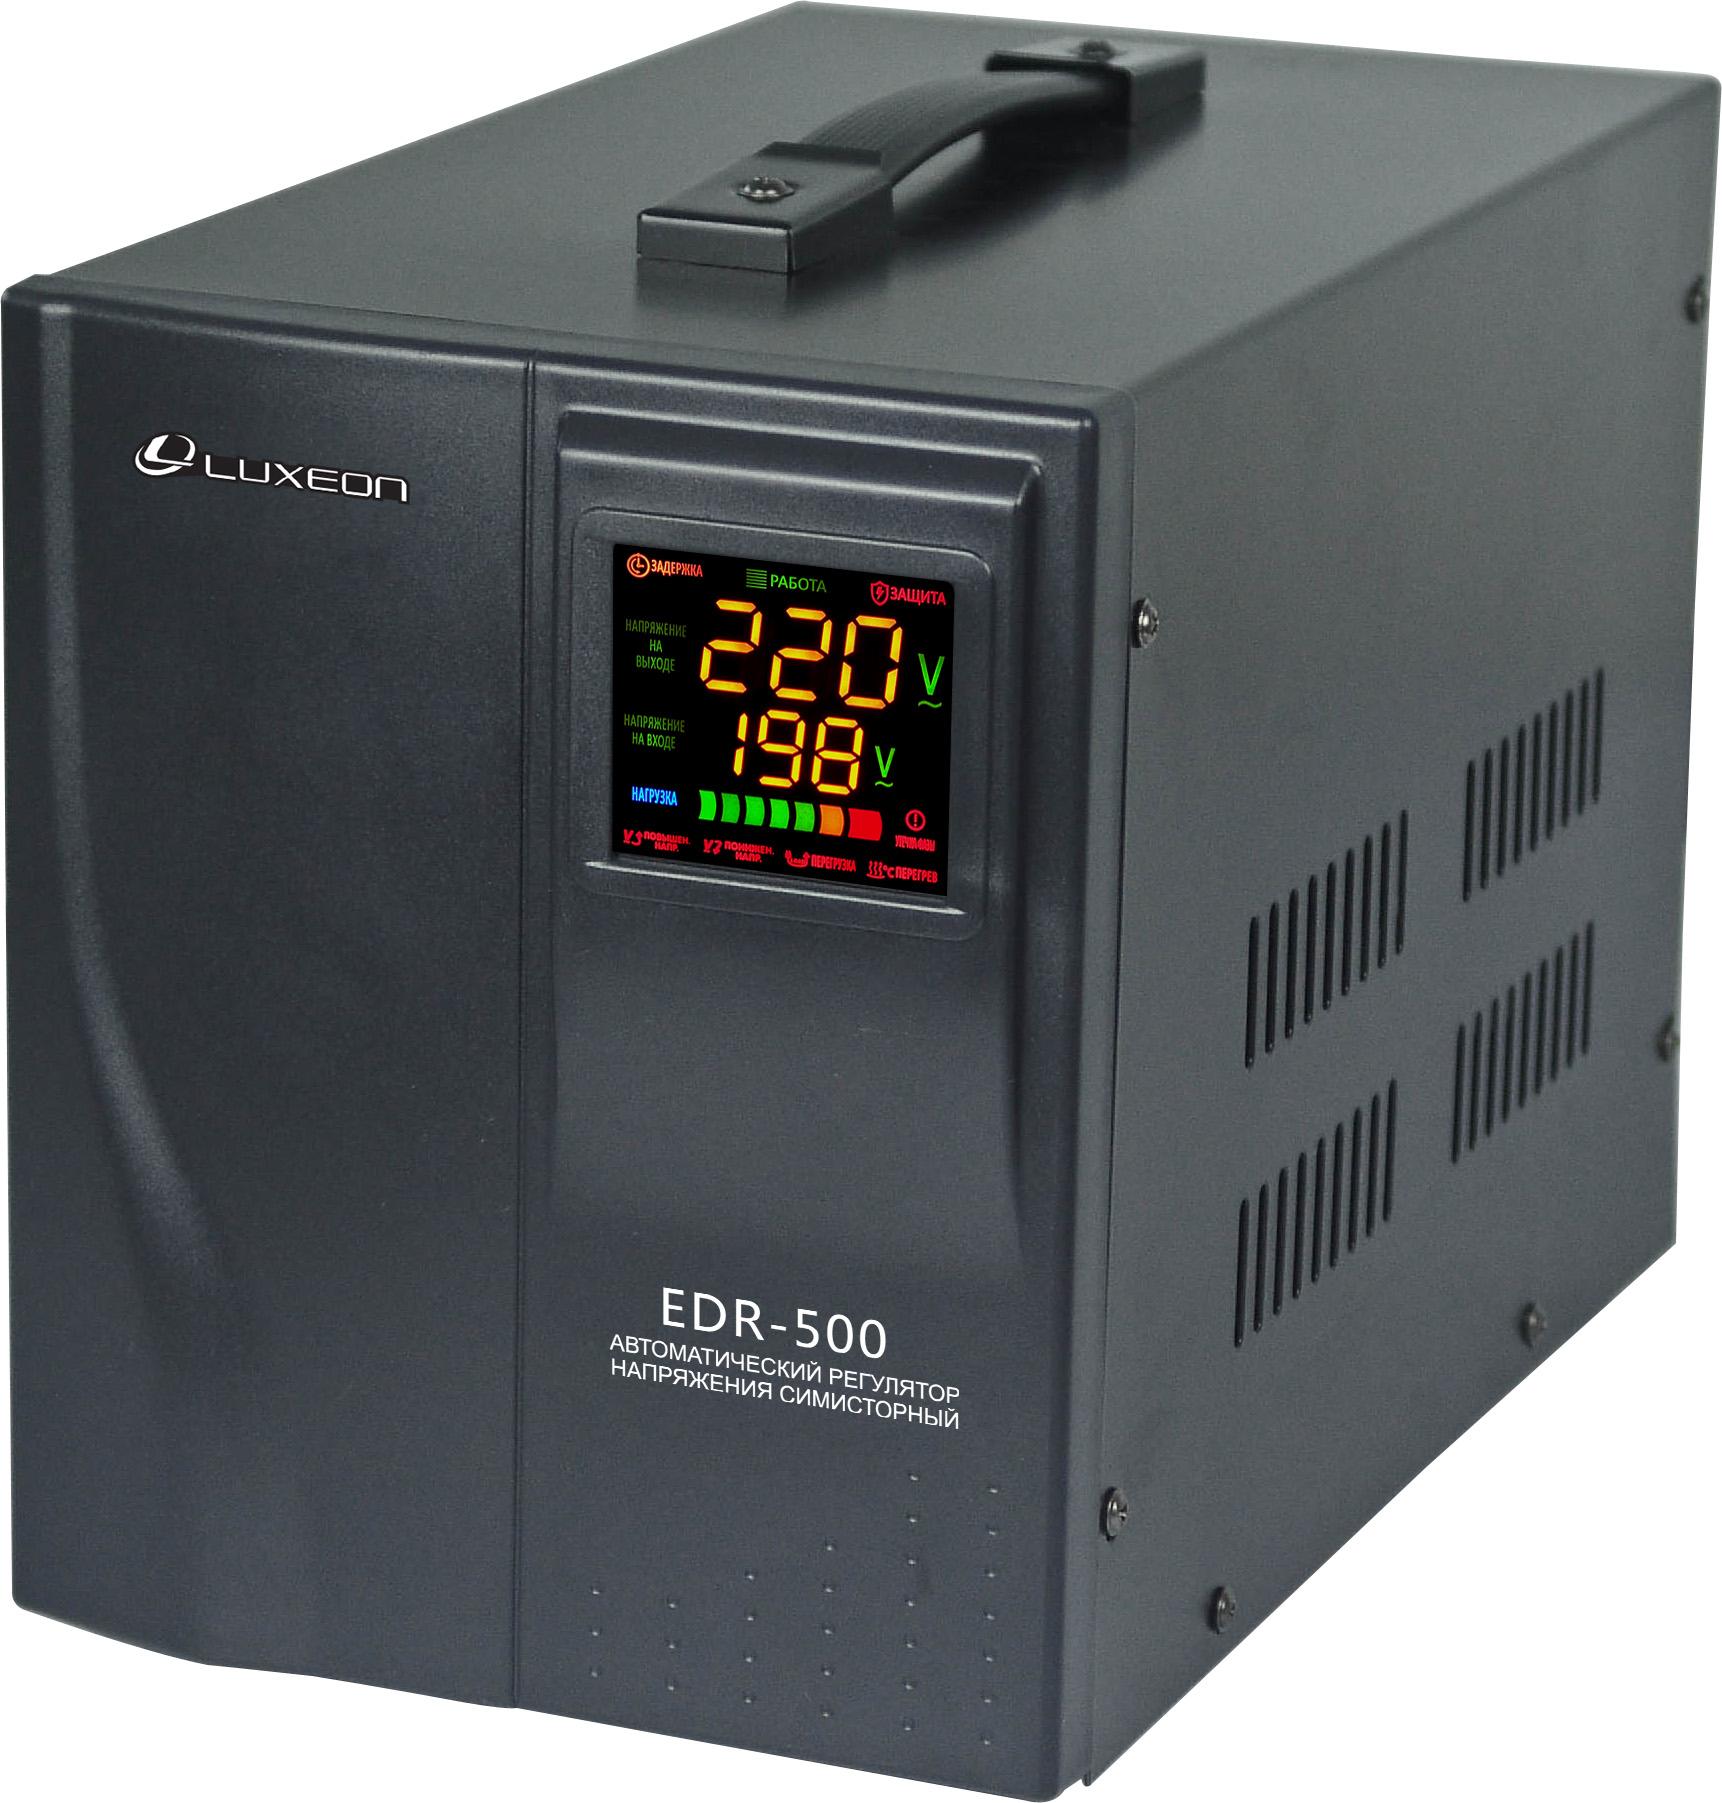 Бытовые стабилизаторы напряжения для бытовой техники сварочный аппарат денио 400